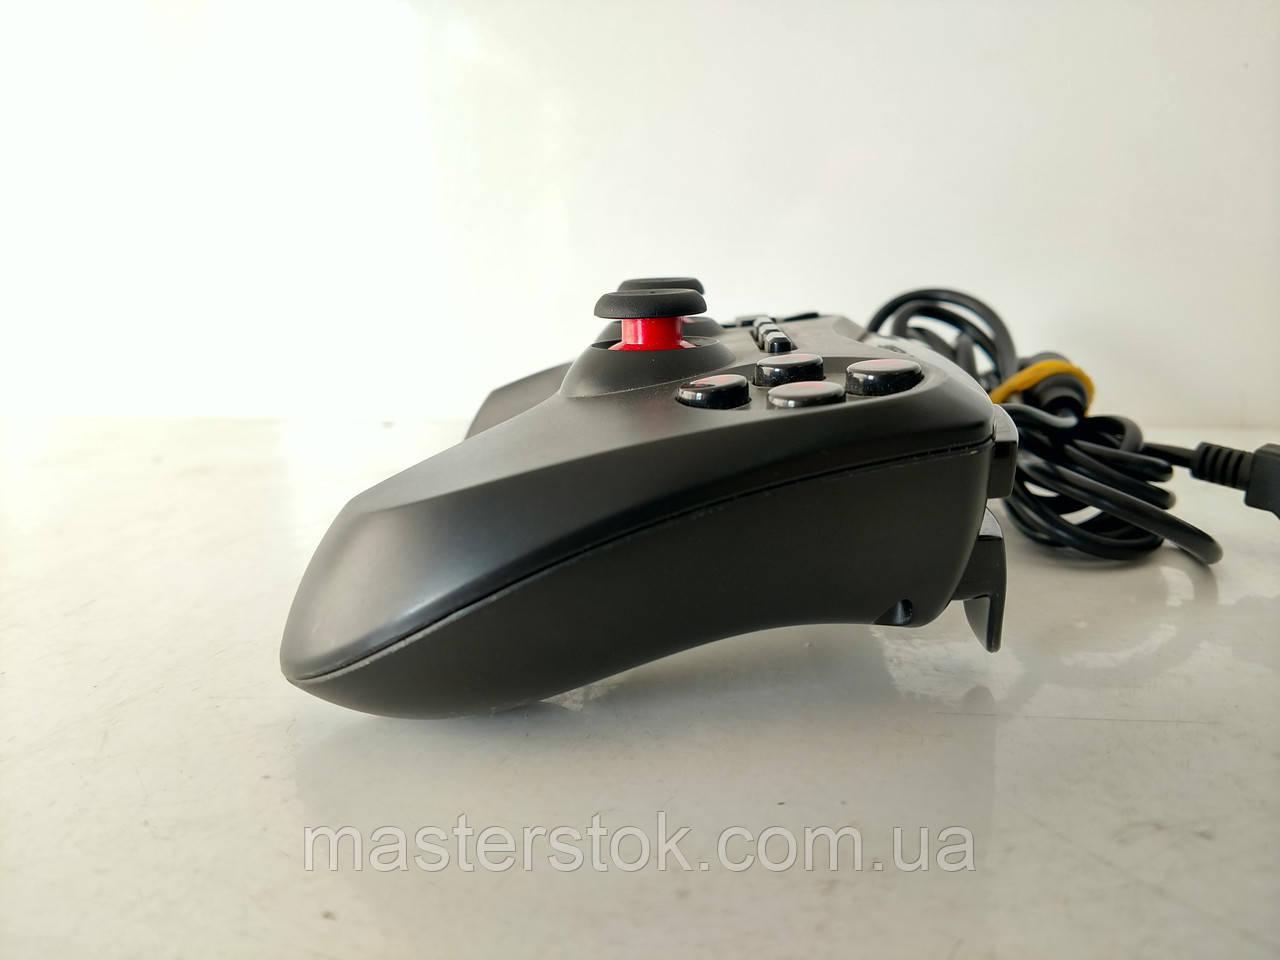 Проводной джойстик для Playstation 3 3